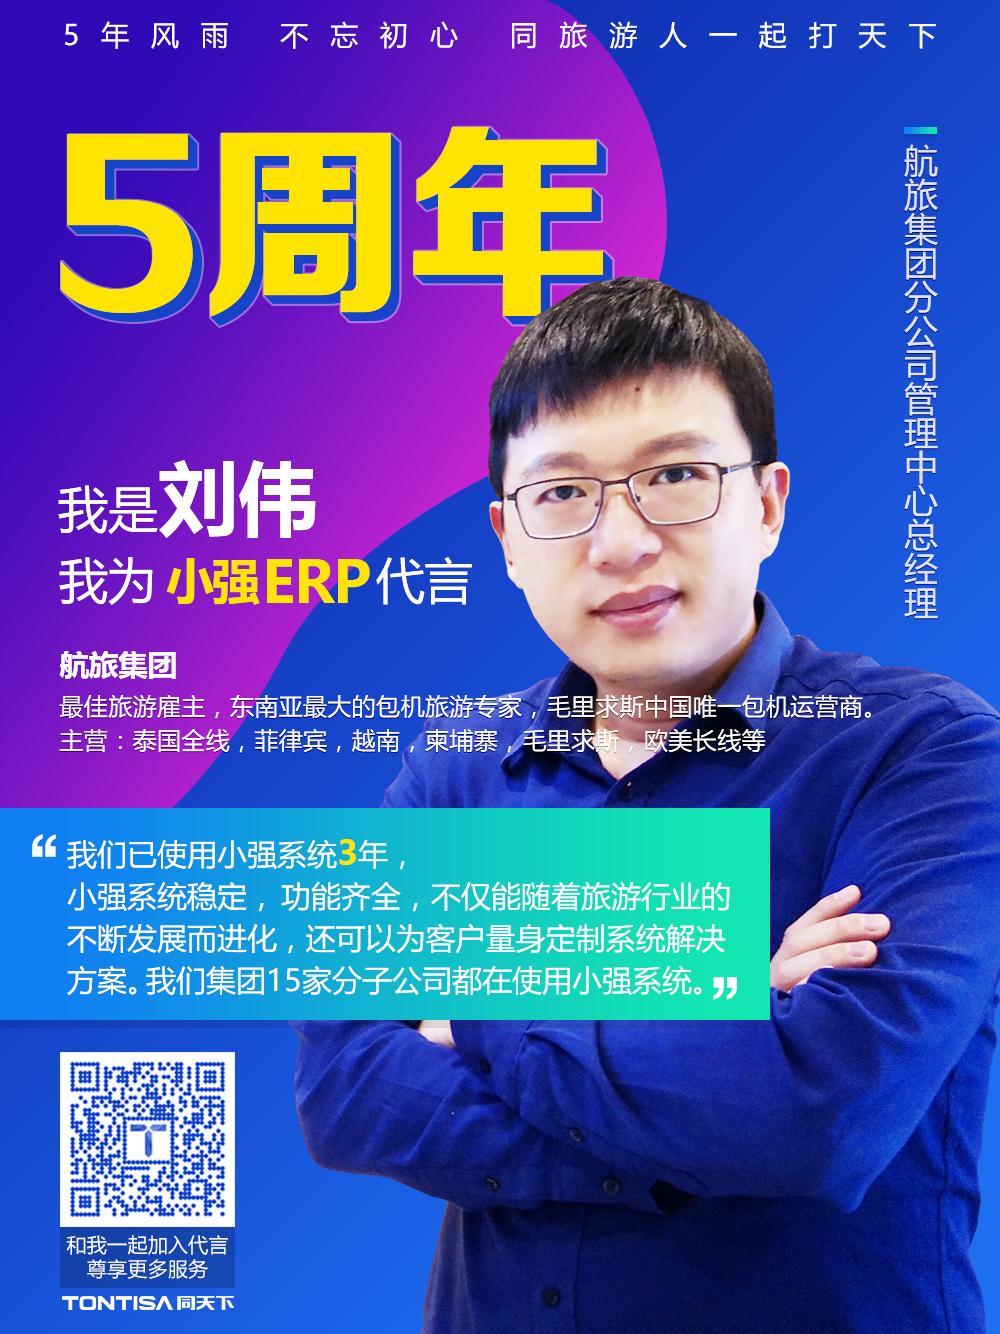 10、五周年系列海报(刘伟).jpg